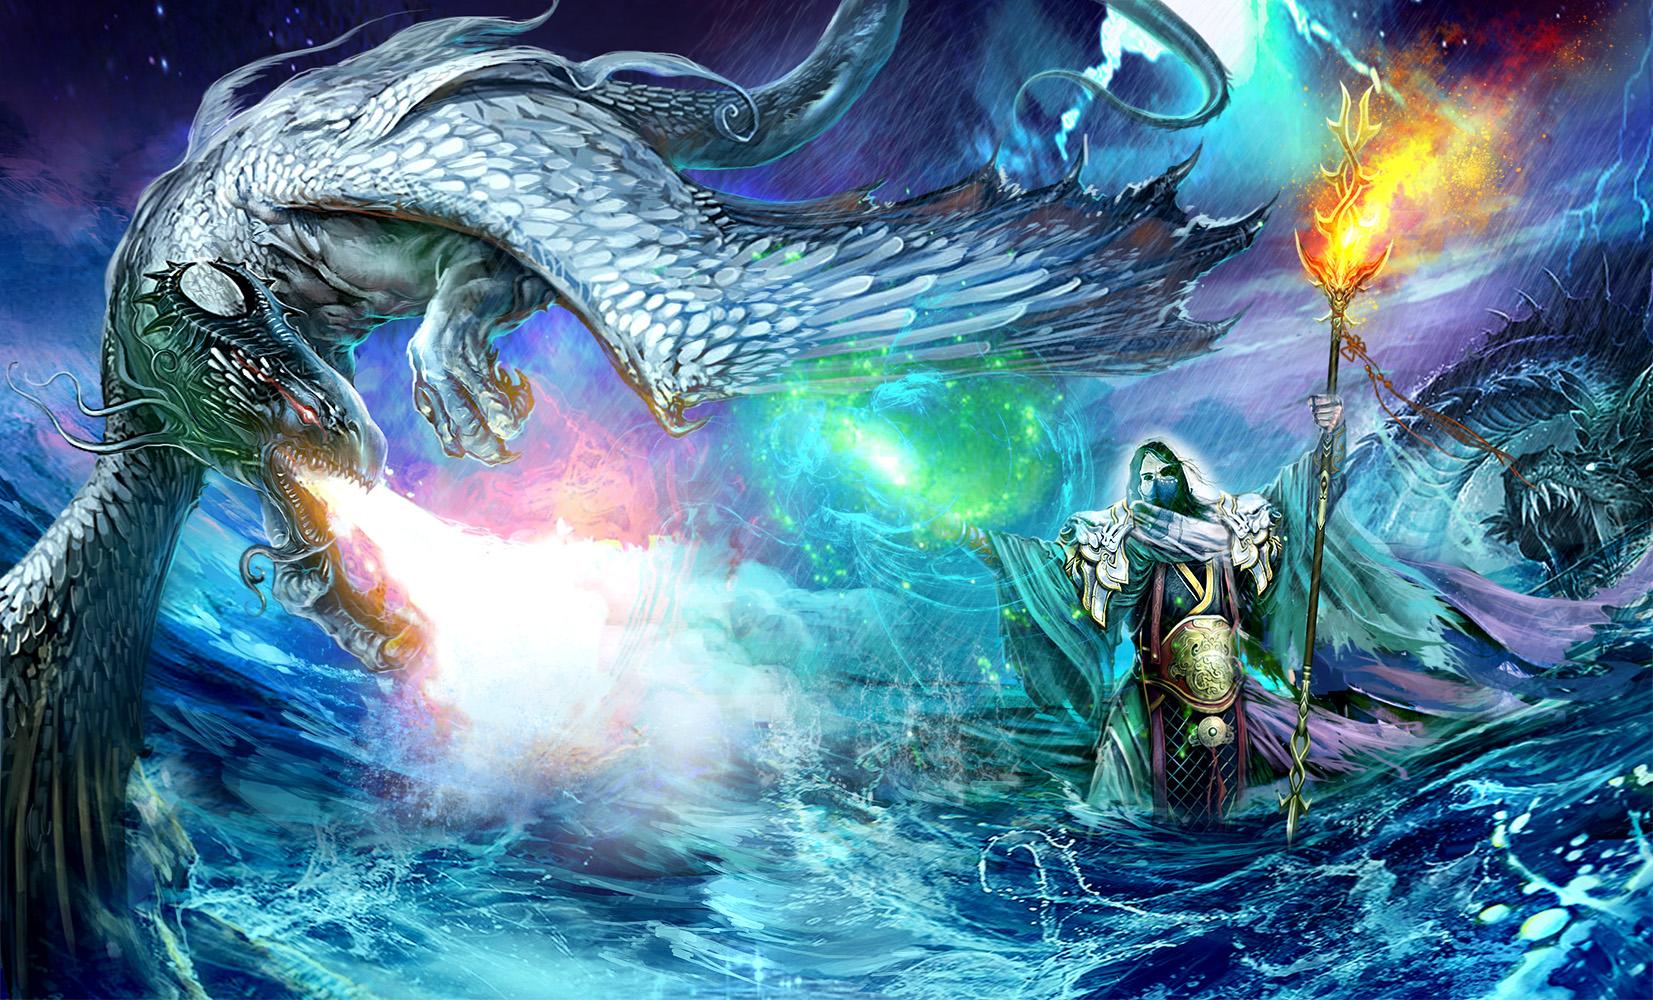 剑灵诀 《剑灵·诀》021 | 中华网游戏大全